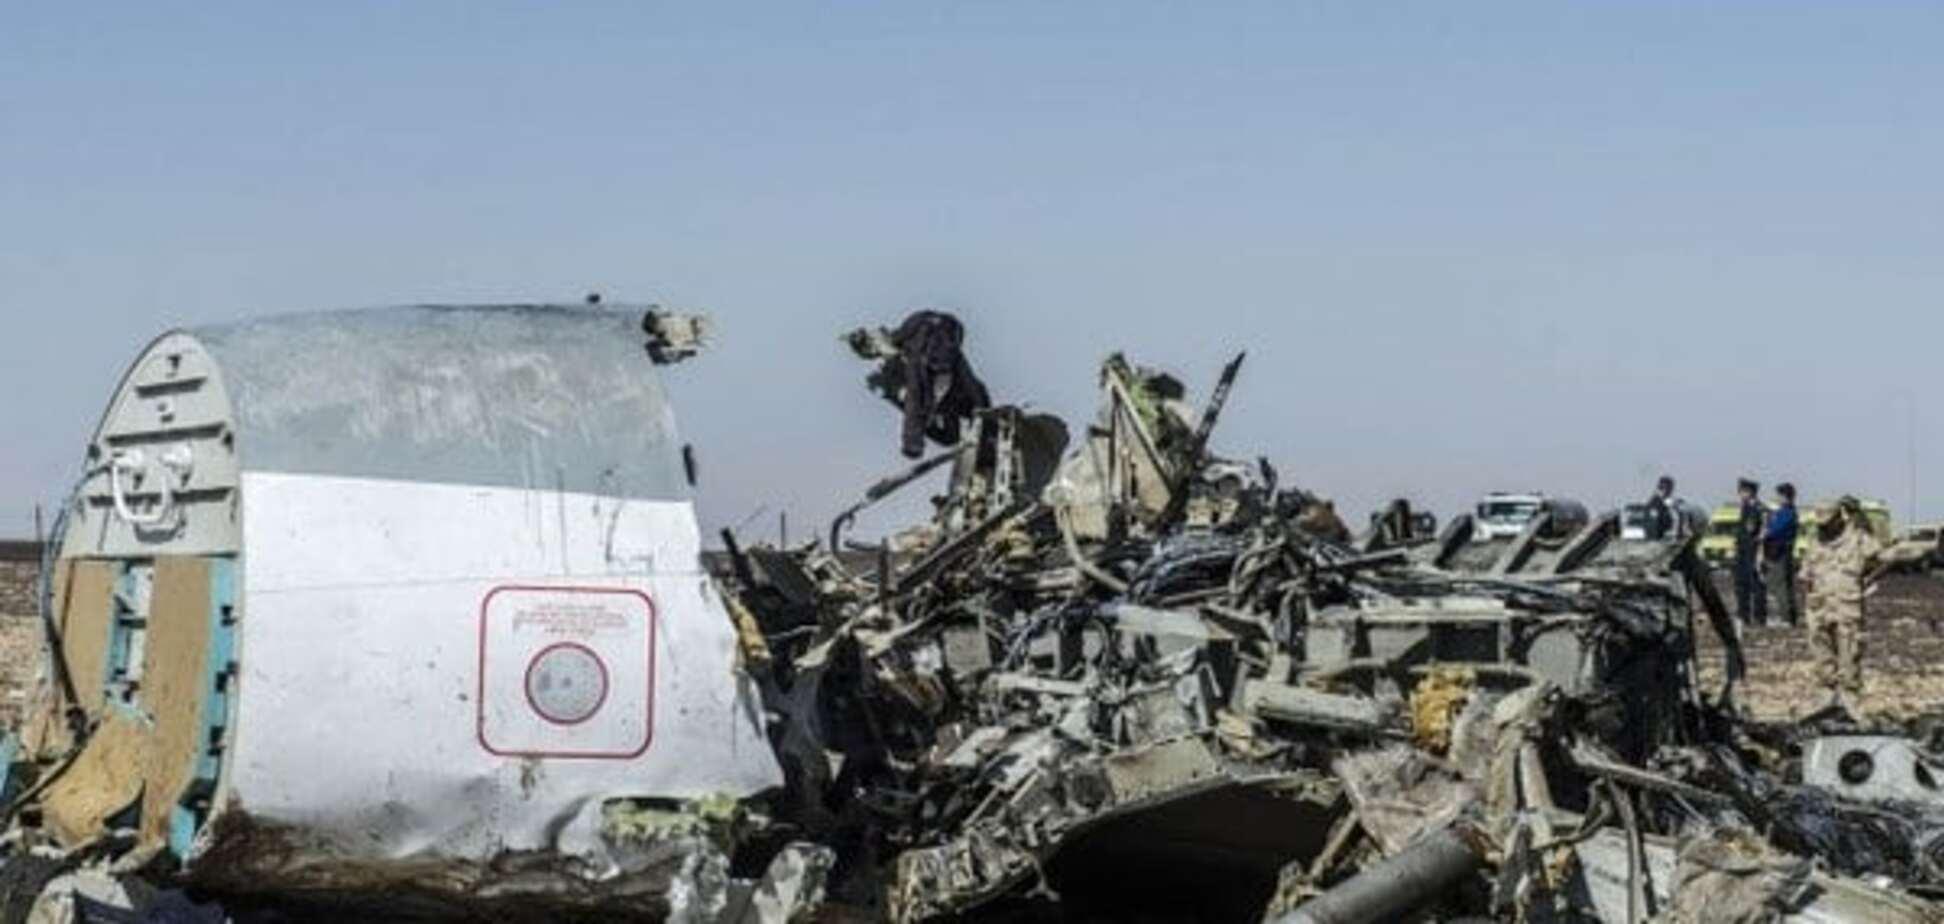 Взрывчатка на борту: аналитики США назвали вероятную причину крушения A321